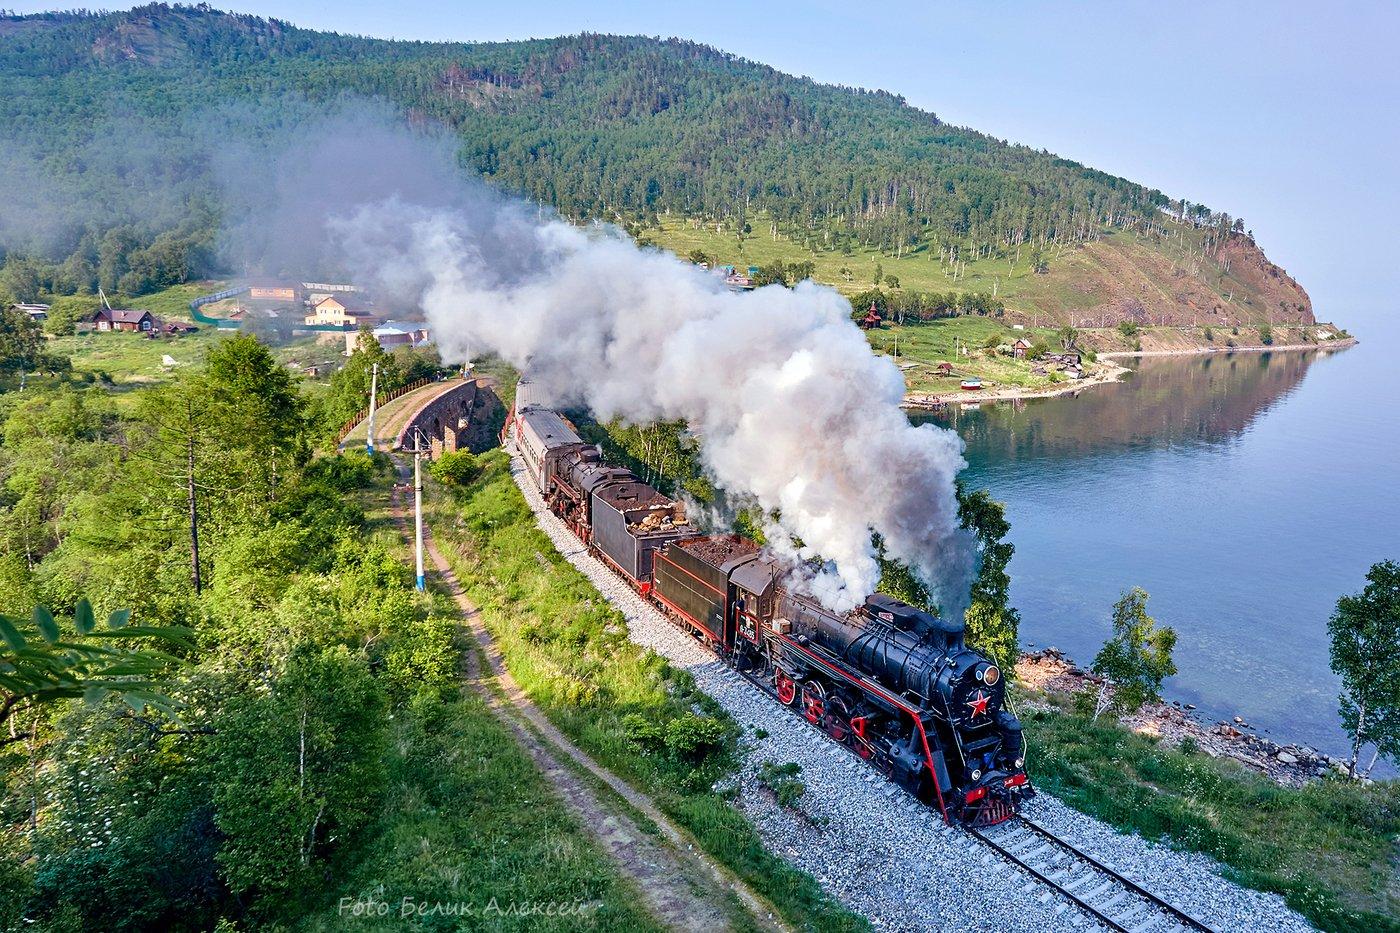 Кругобайкальская железная дорога. Современный вид